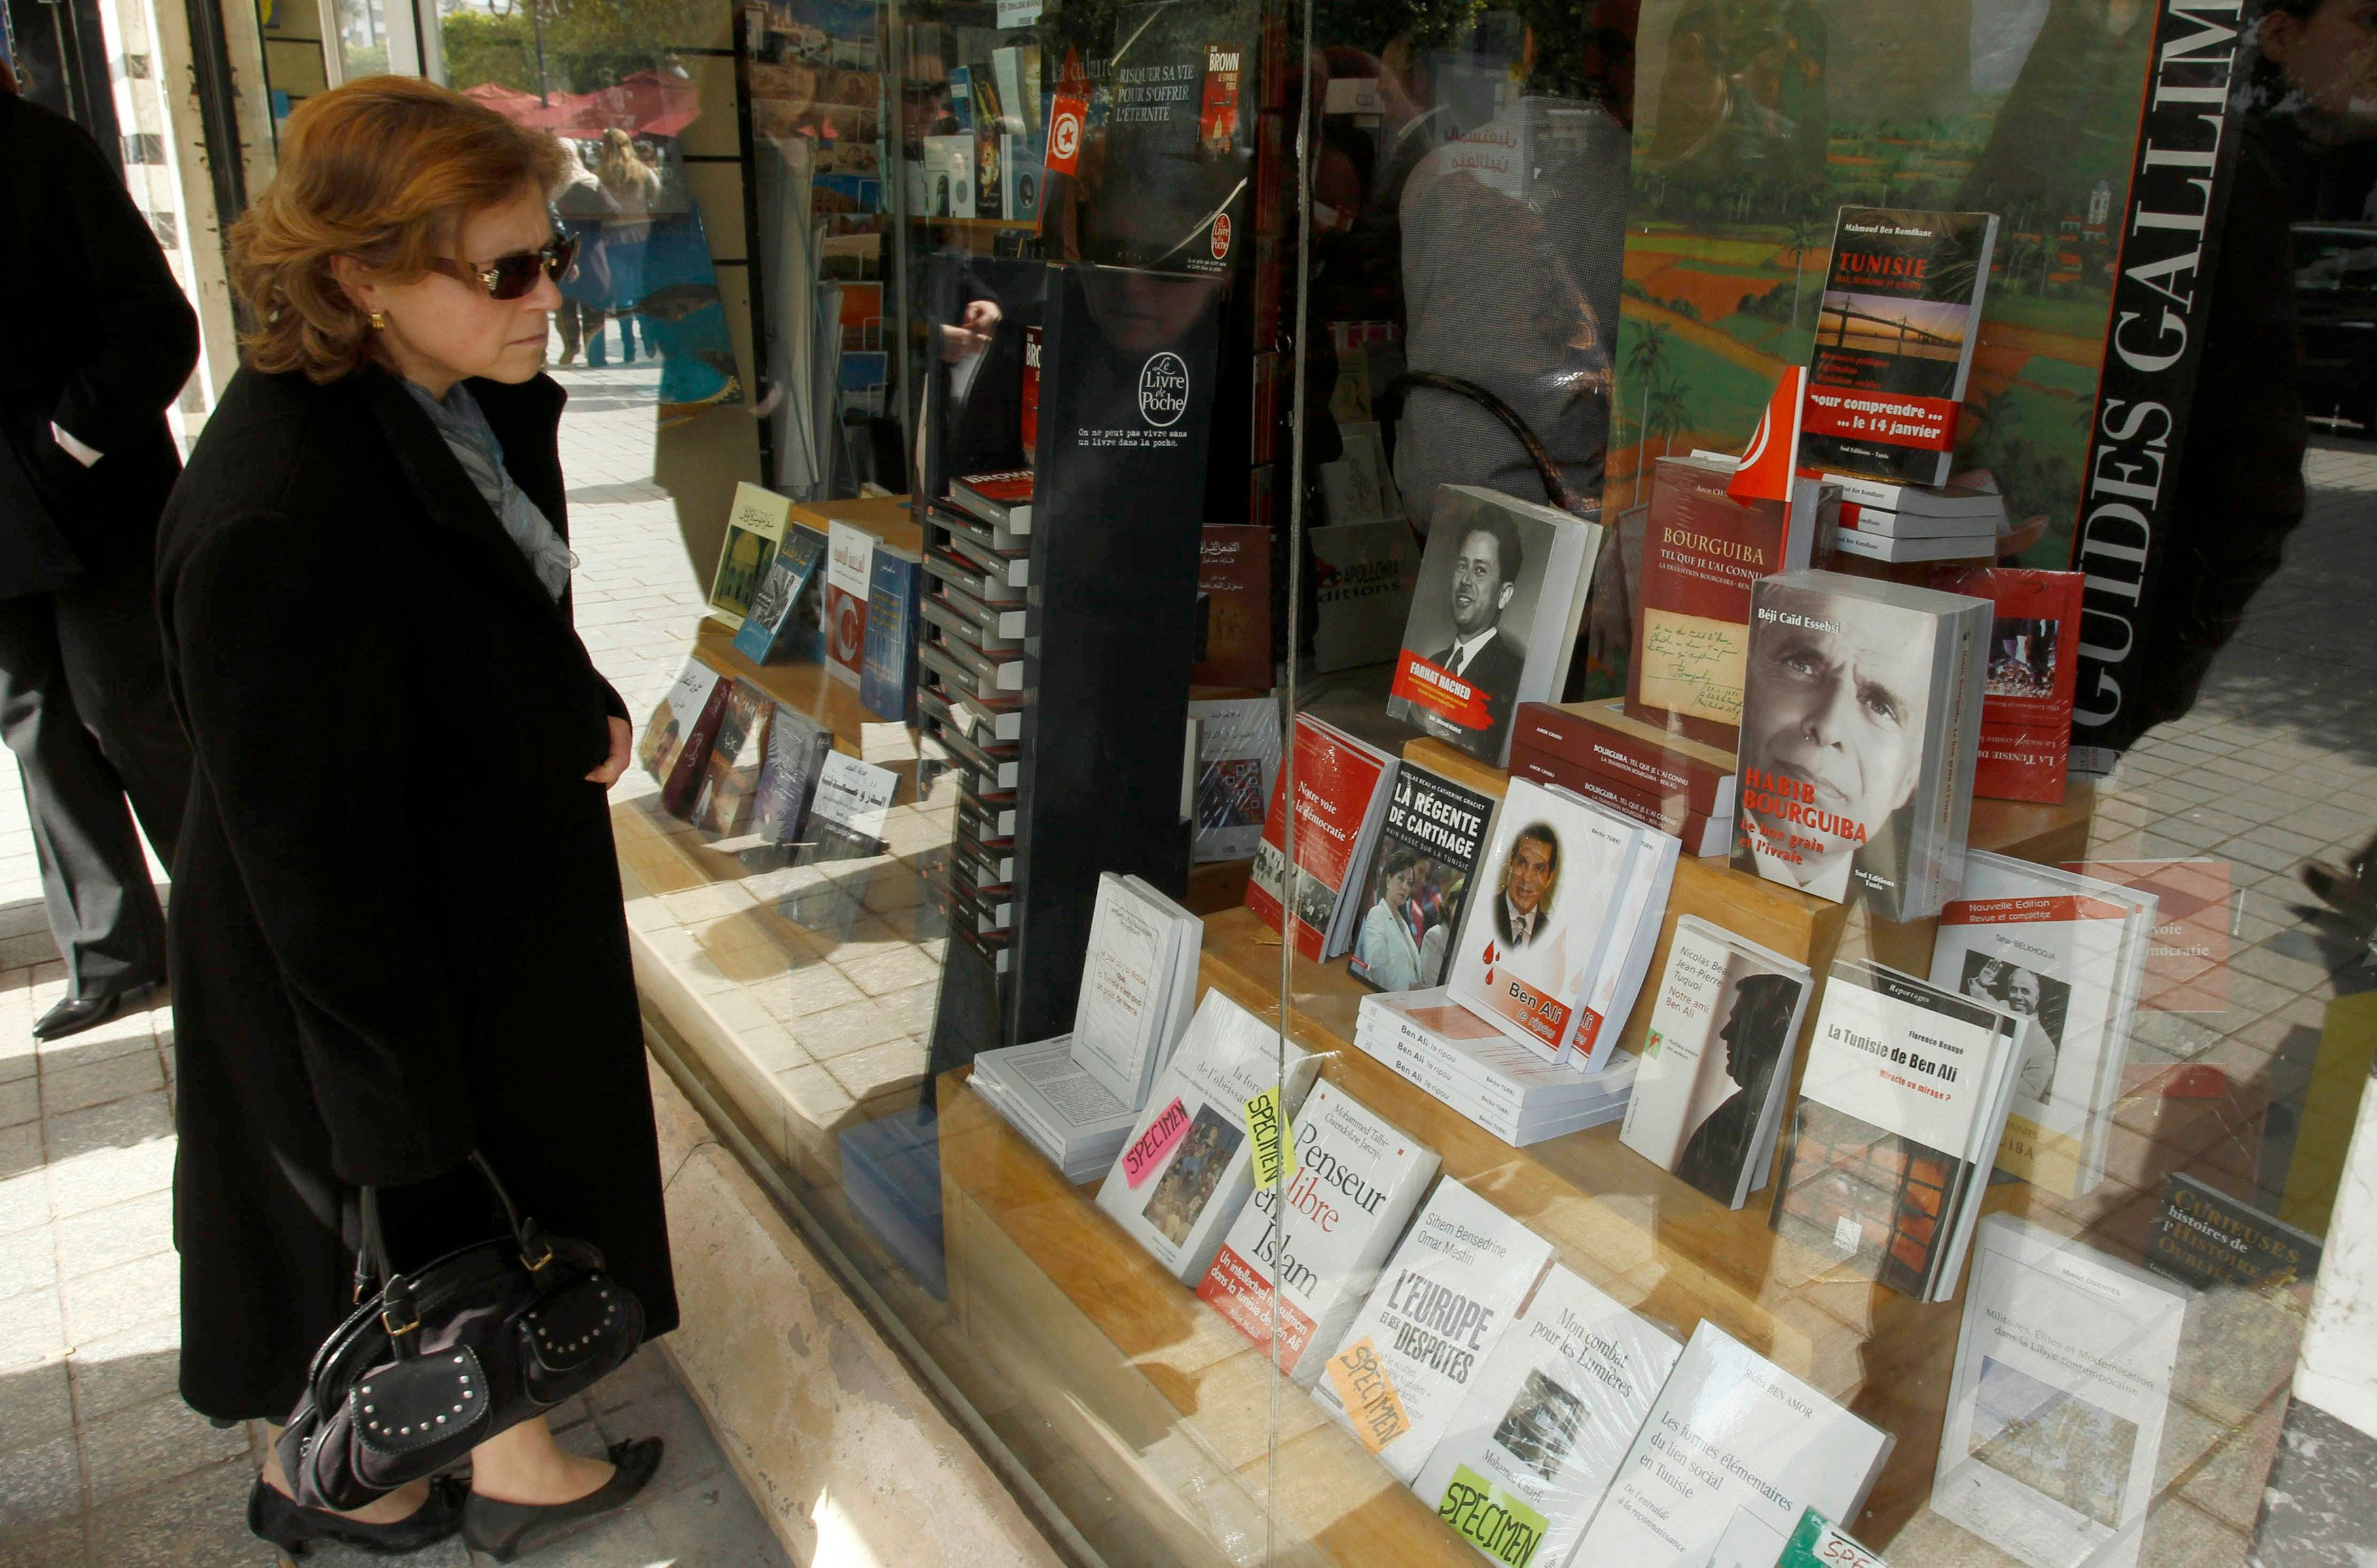 Les romans et les ouvrages politiques: Les coups de coeur littéraires du lecteur